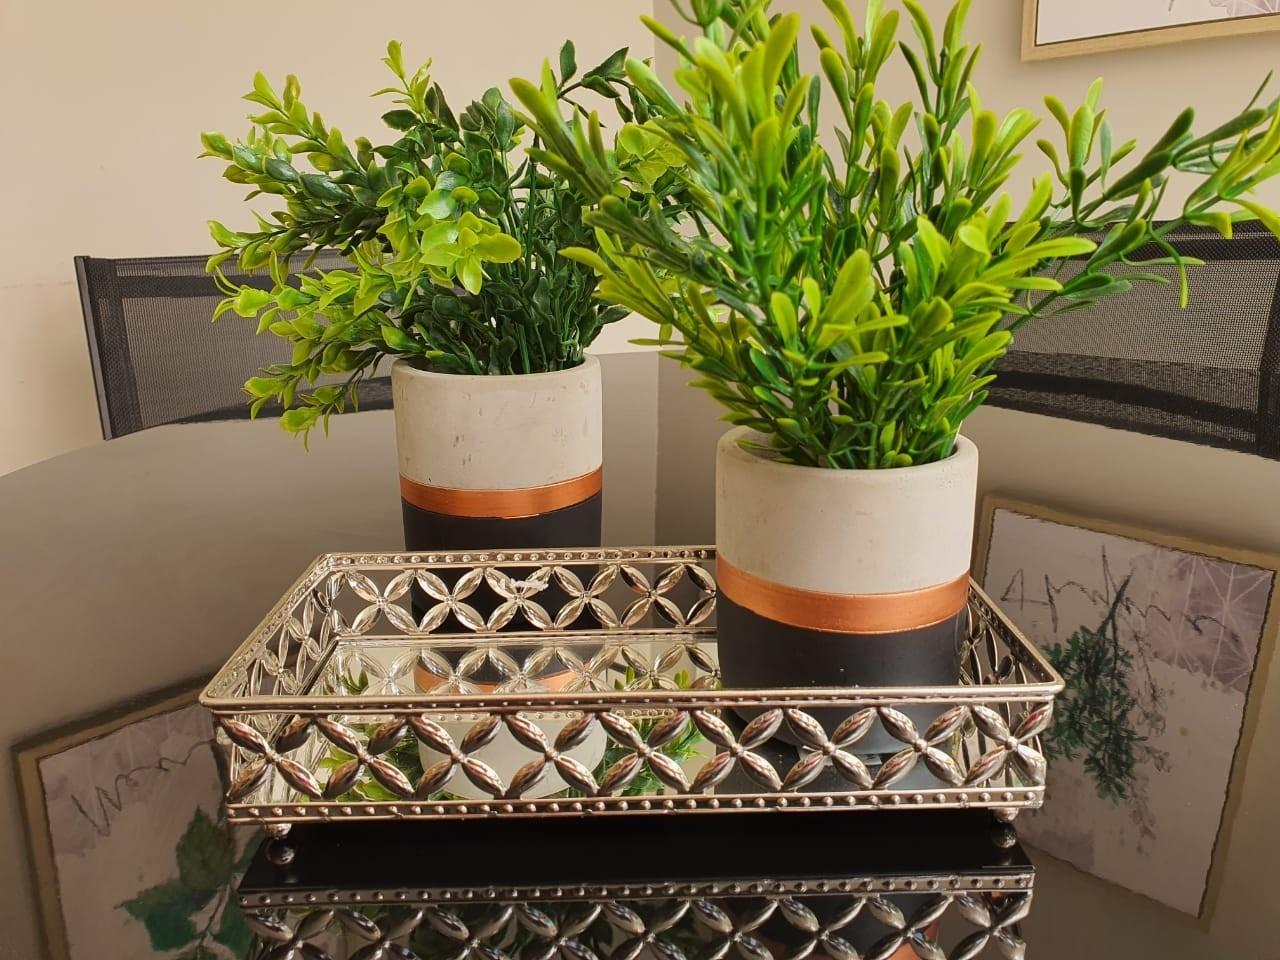 Vaso Decorativo Preto E cobre Em Cimento 10x8,5Cm